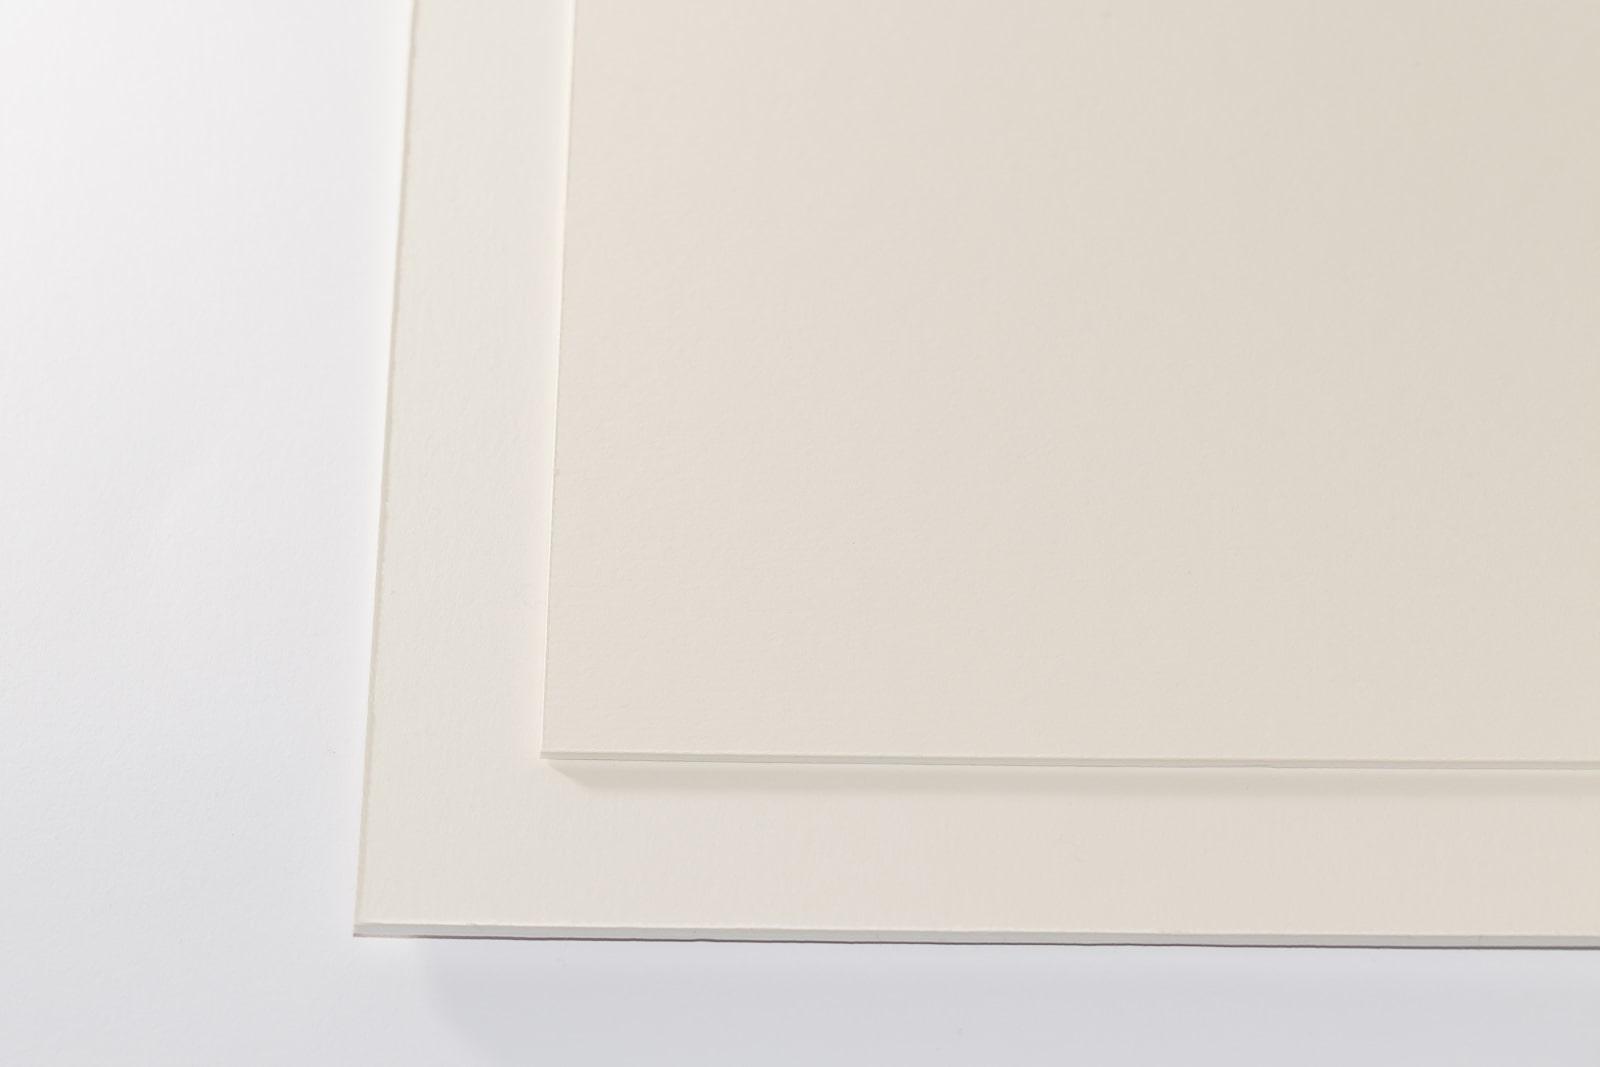 Eine Aufnahme unseres Museumskarton Zellstoff chamois/weiß in zwei Stärken